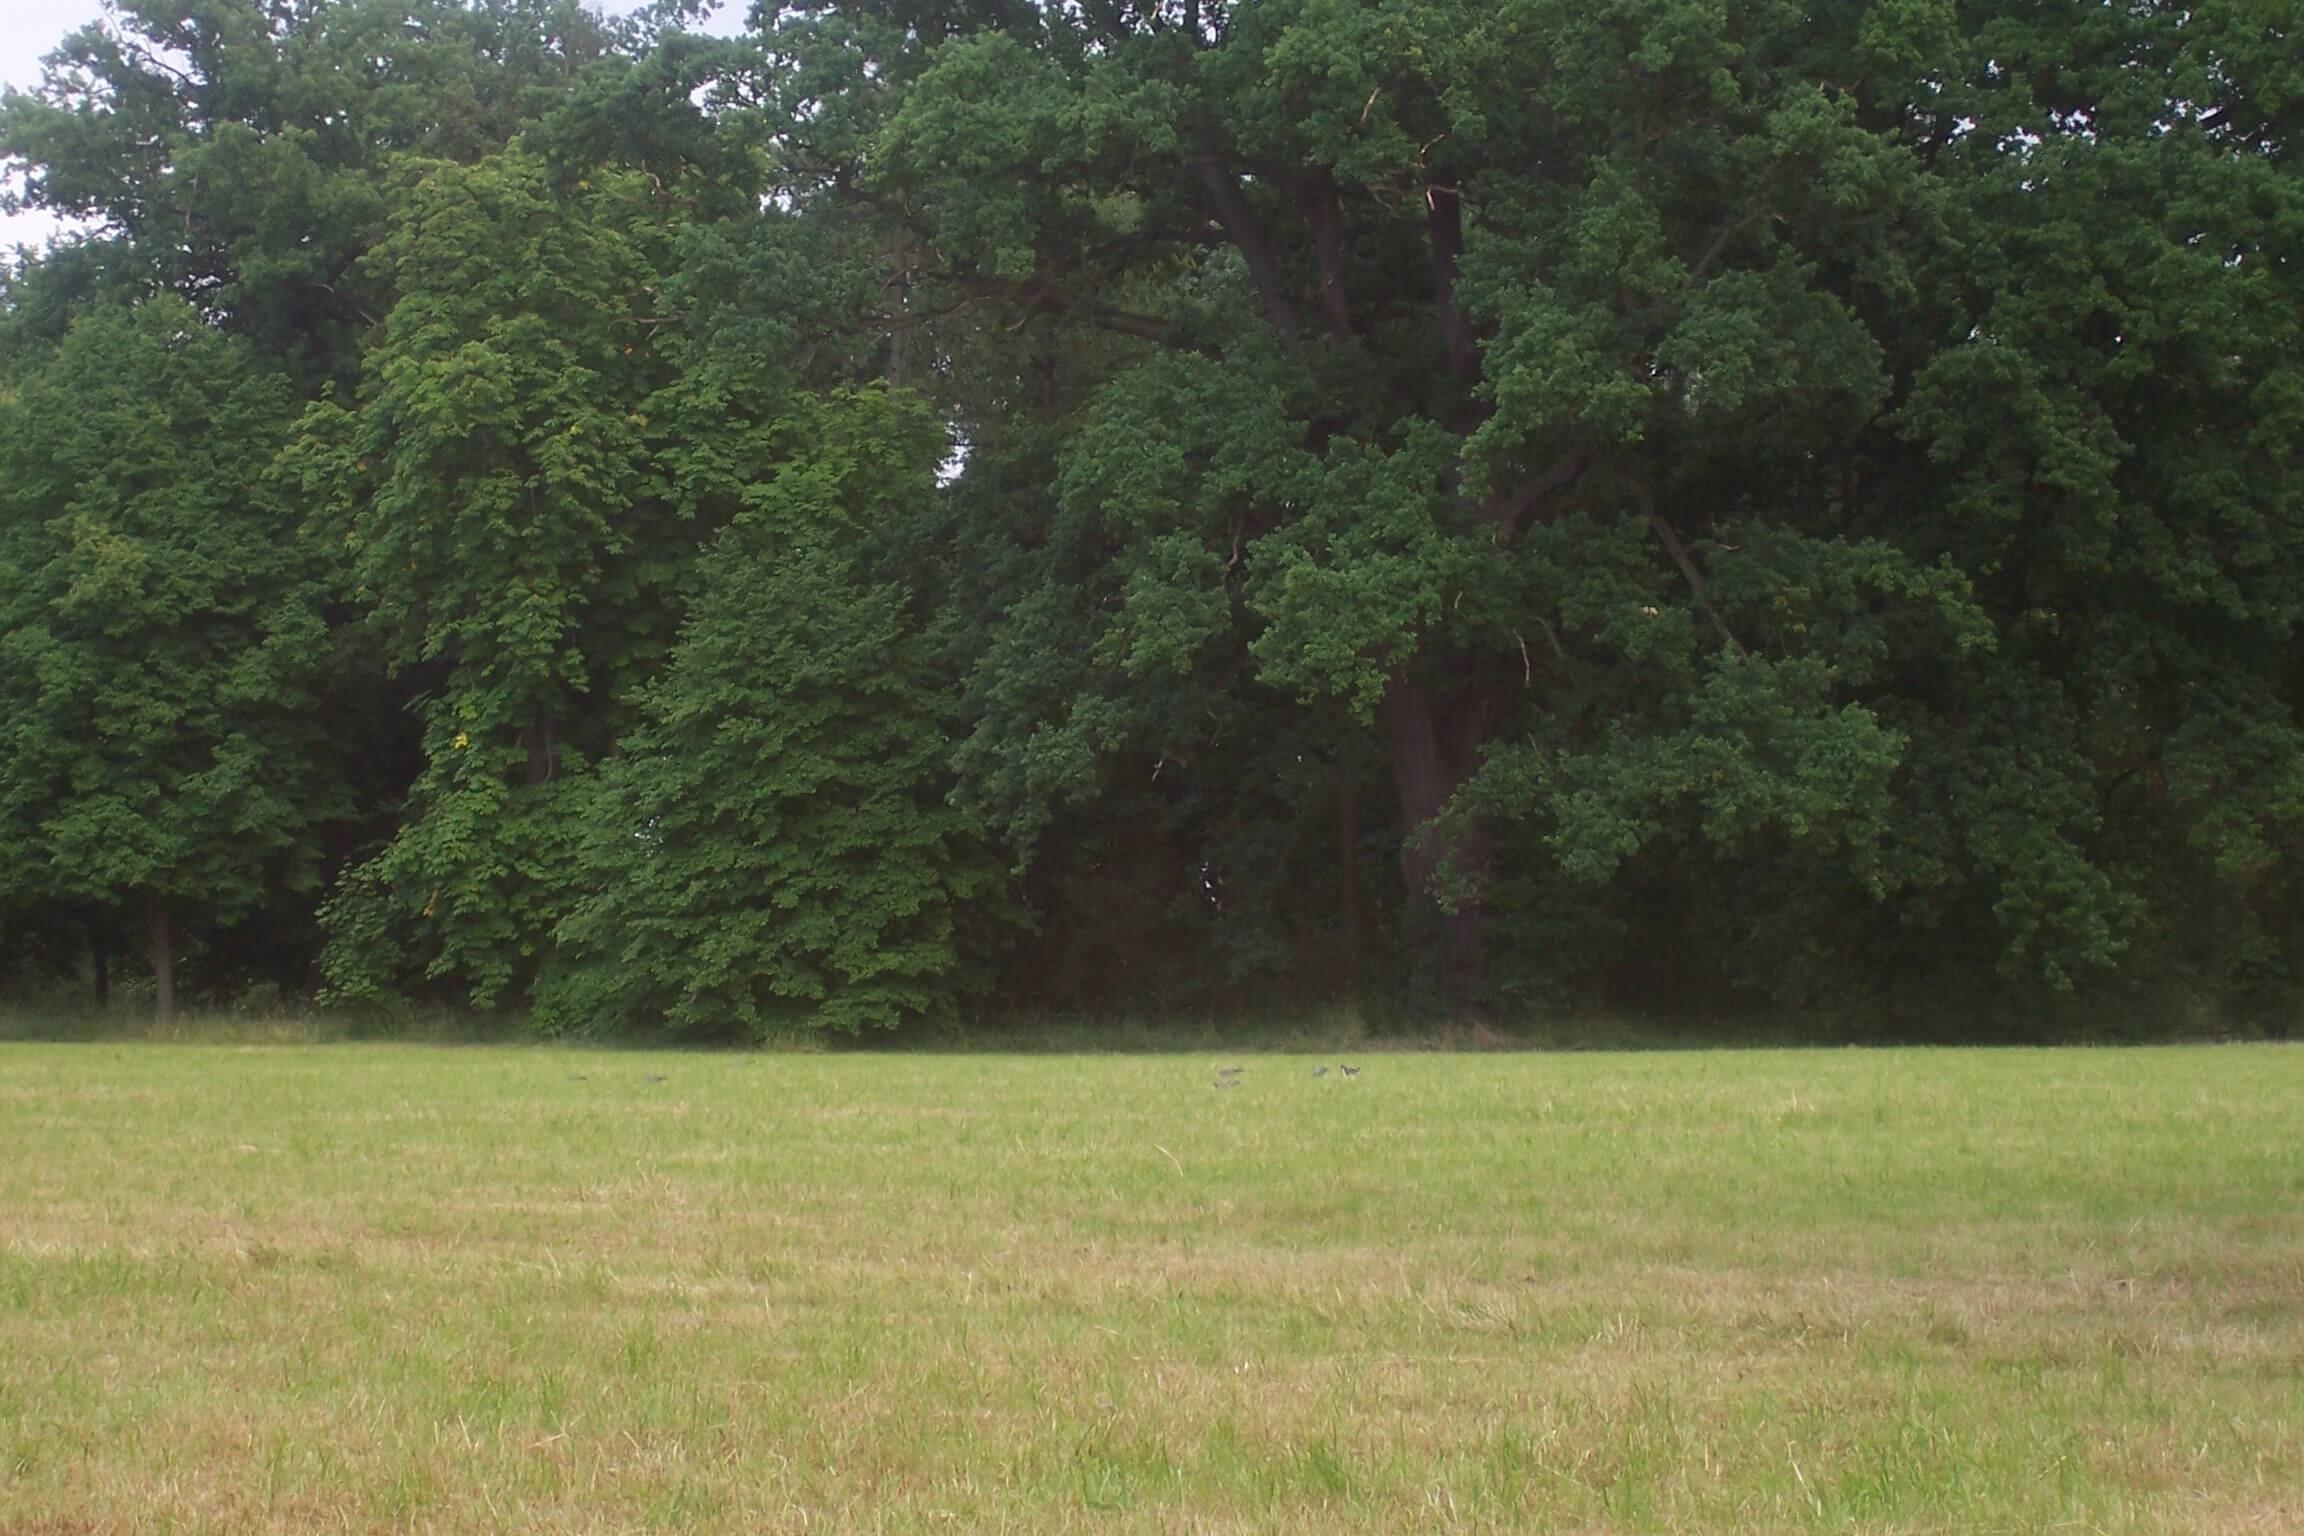 Wald Wiese Lichtung (c) familienfreund.de